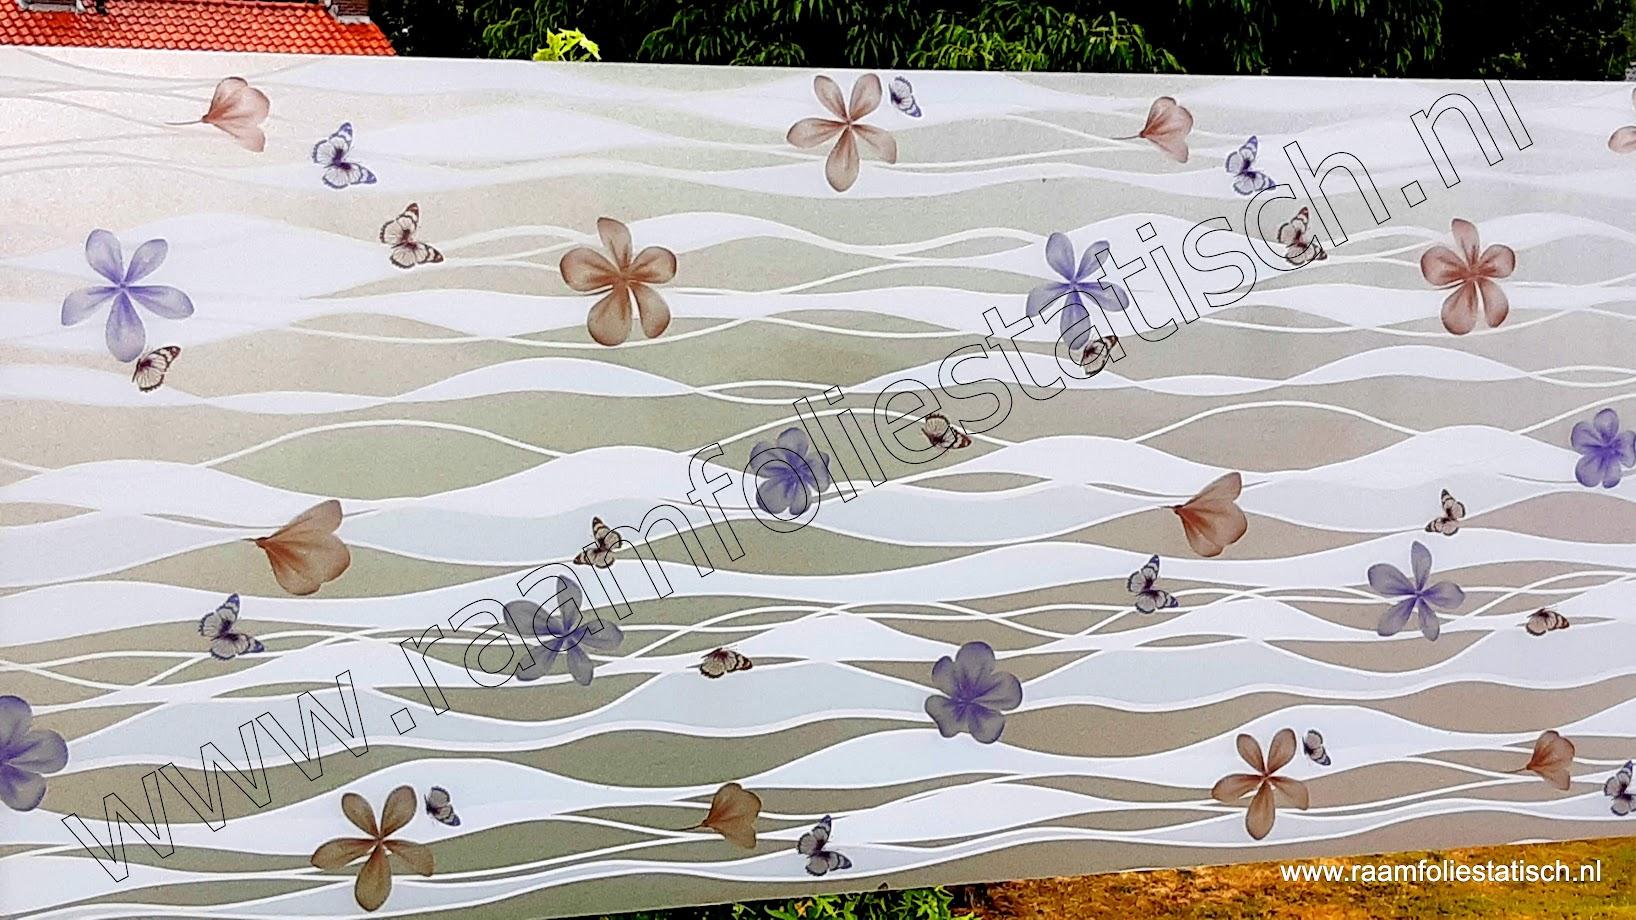 Statische raamfolie lente, bloemen en vlinders 90cmx1,5m